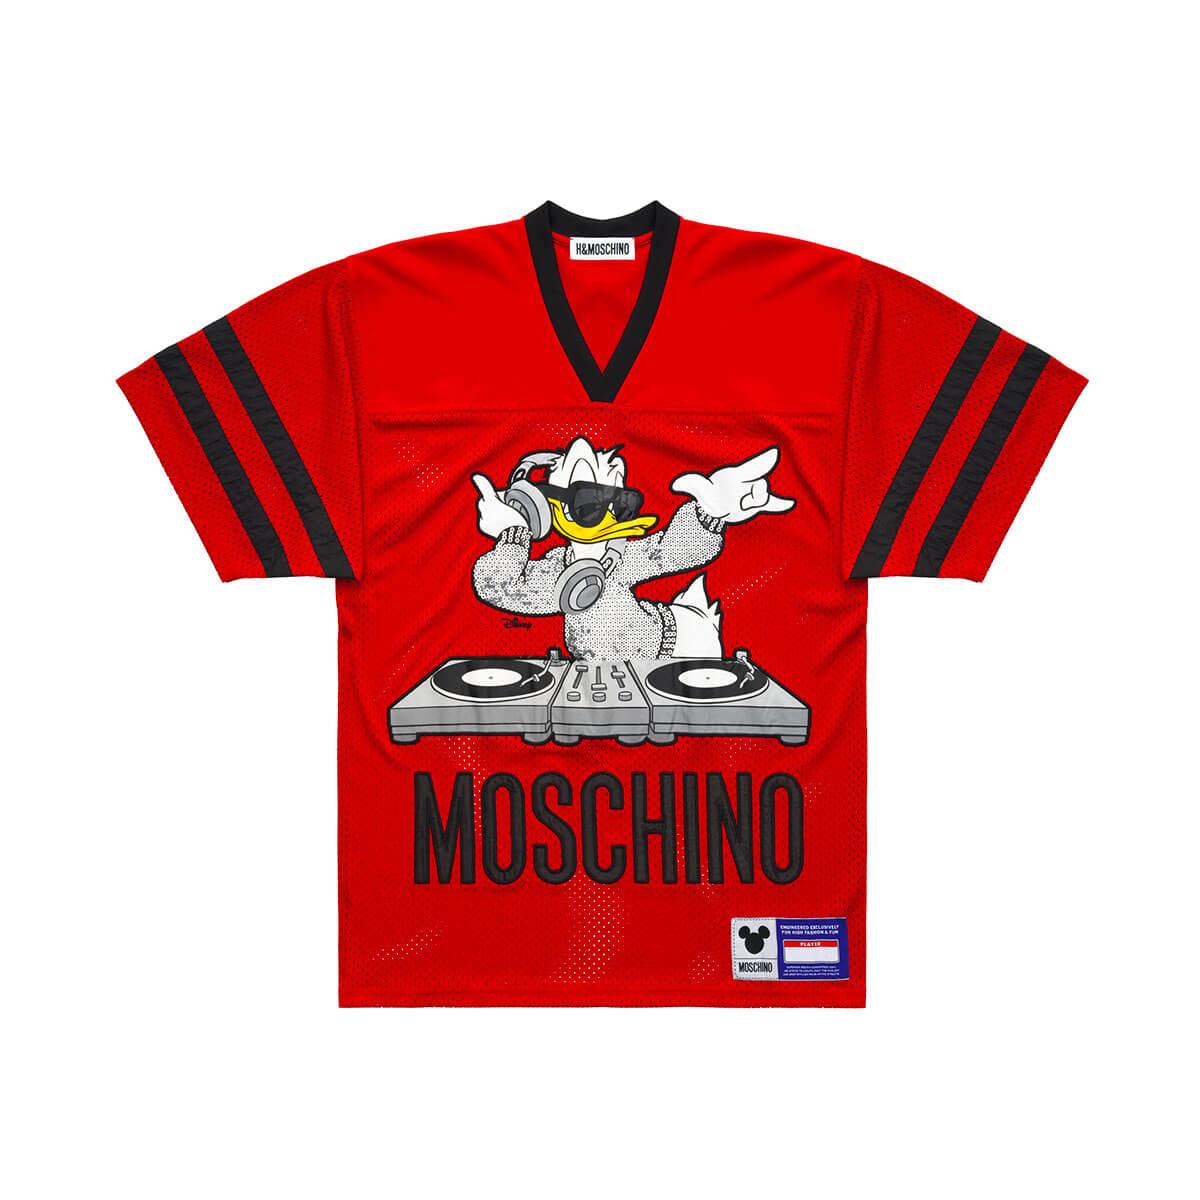 MOSCHINO X H&M